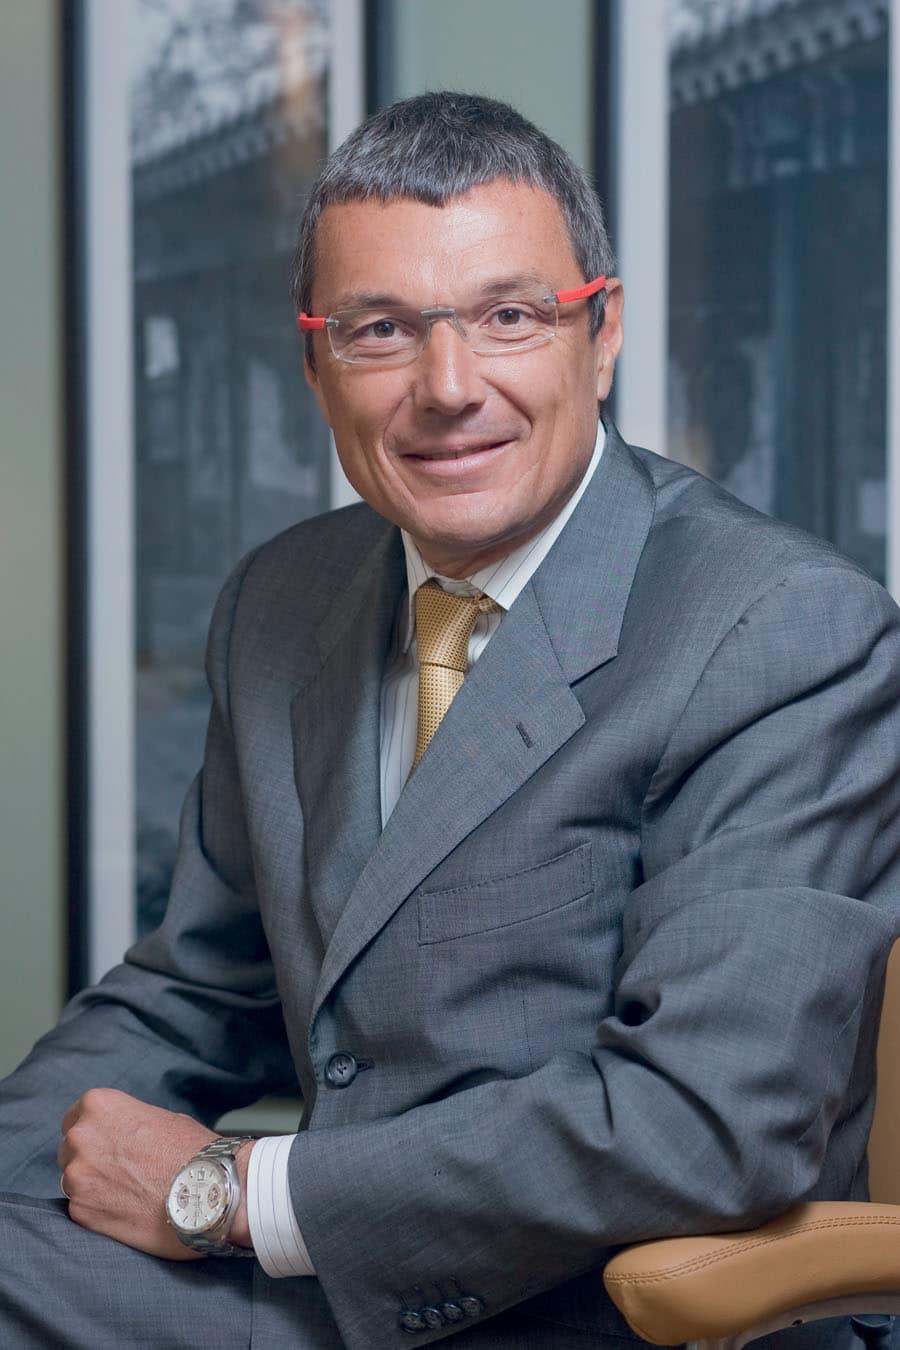 Jean-Christoph Babin, bisheriger CEO von TAG Heuer, wird neuer CEO von Bulgari